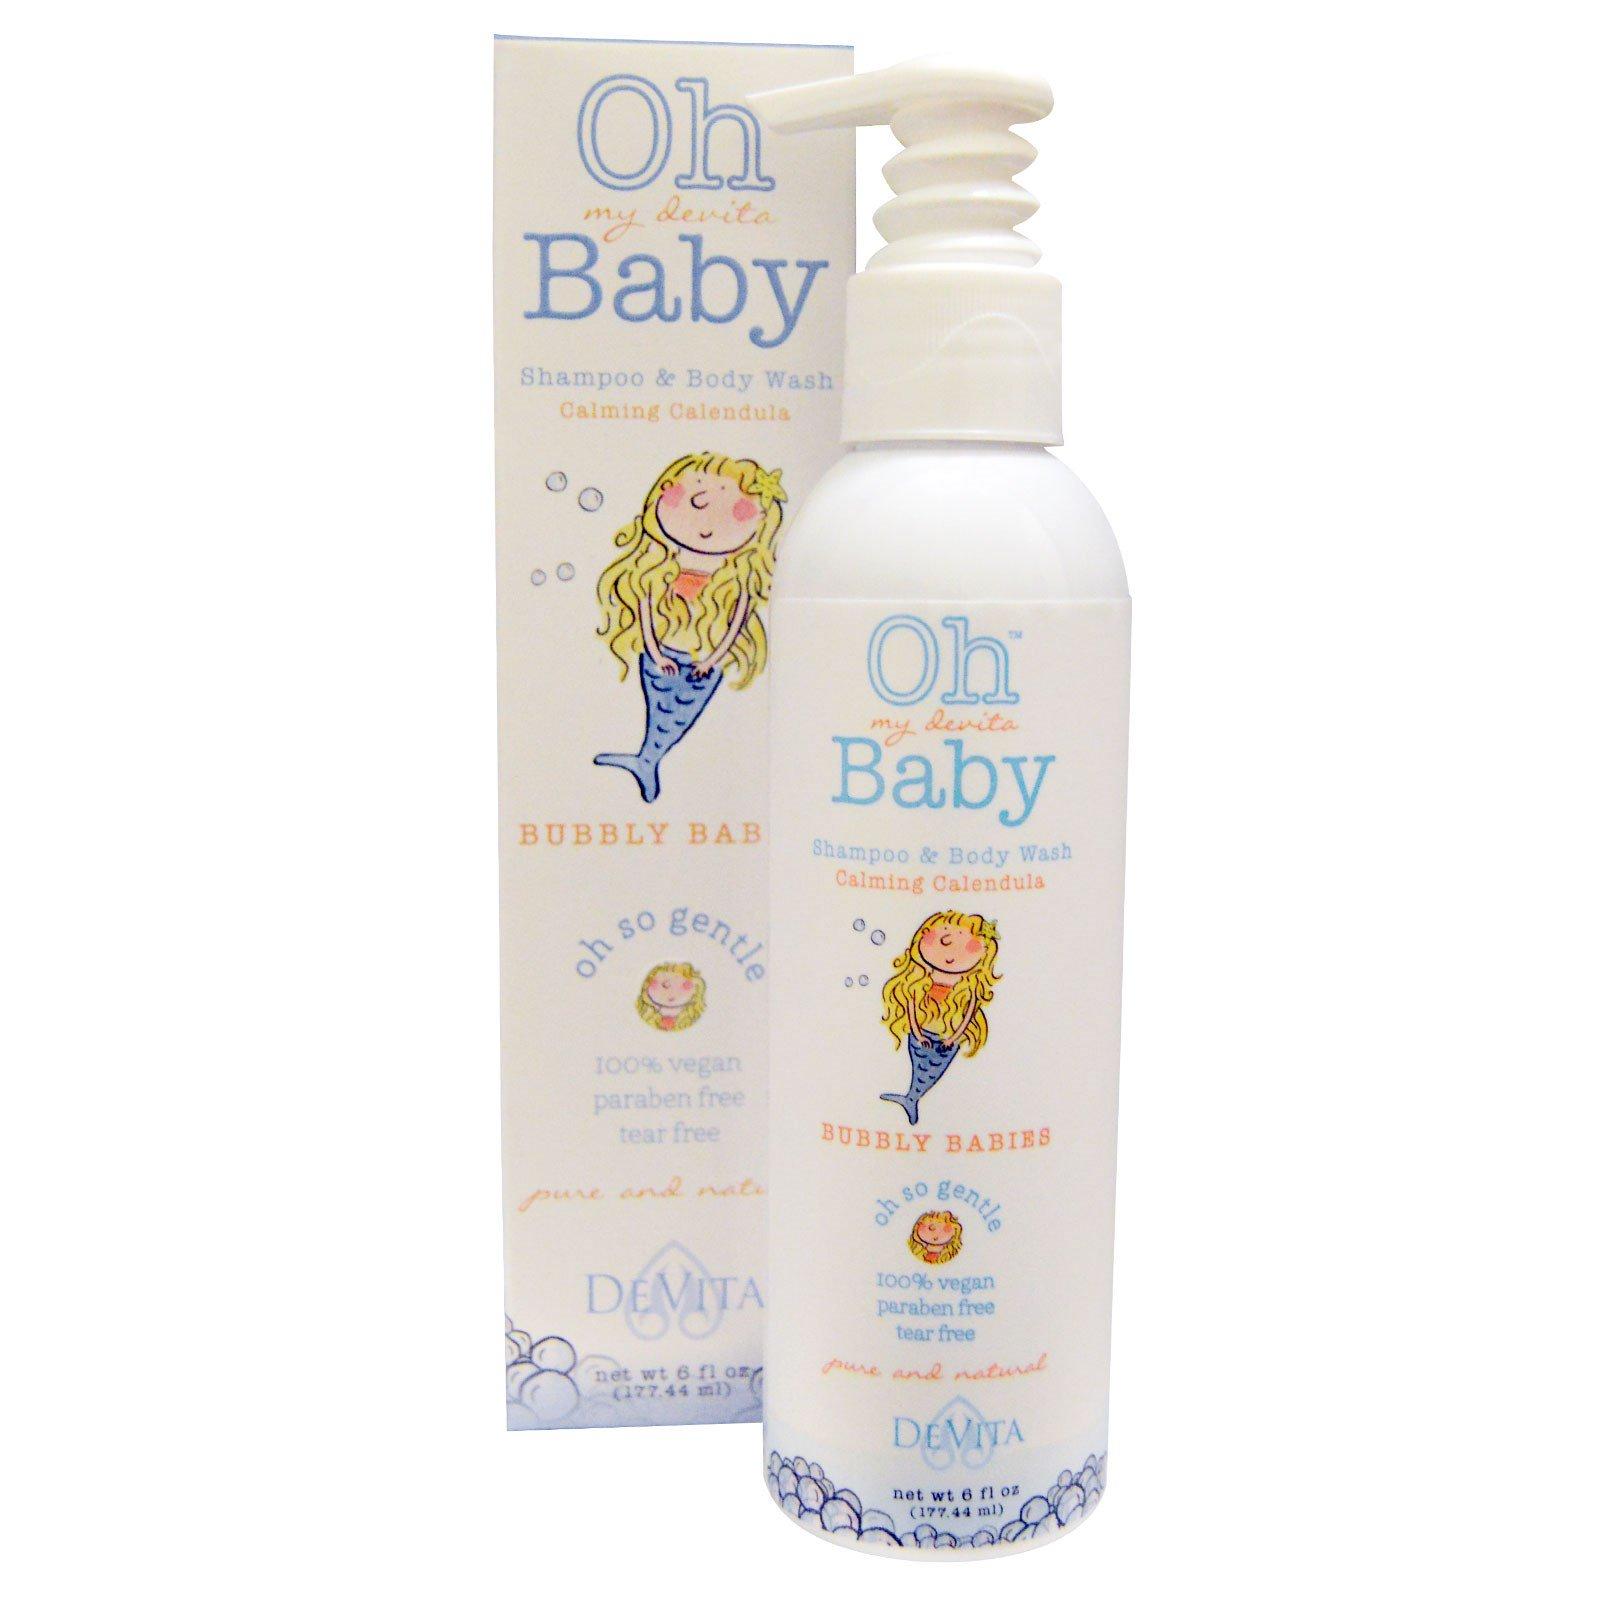 DeVita, Oh My Devita Baby, шампунь для волос и тела, Bubbly babies, Успокаивающая календула, 6 жидких унций (177.44 мл)